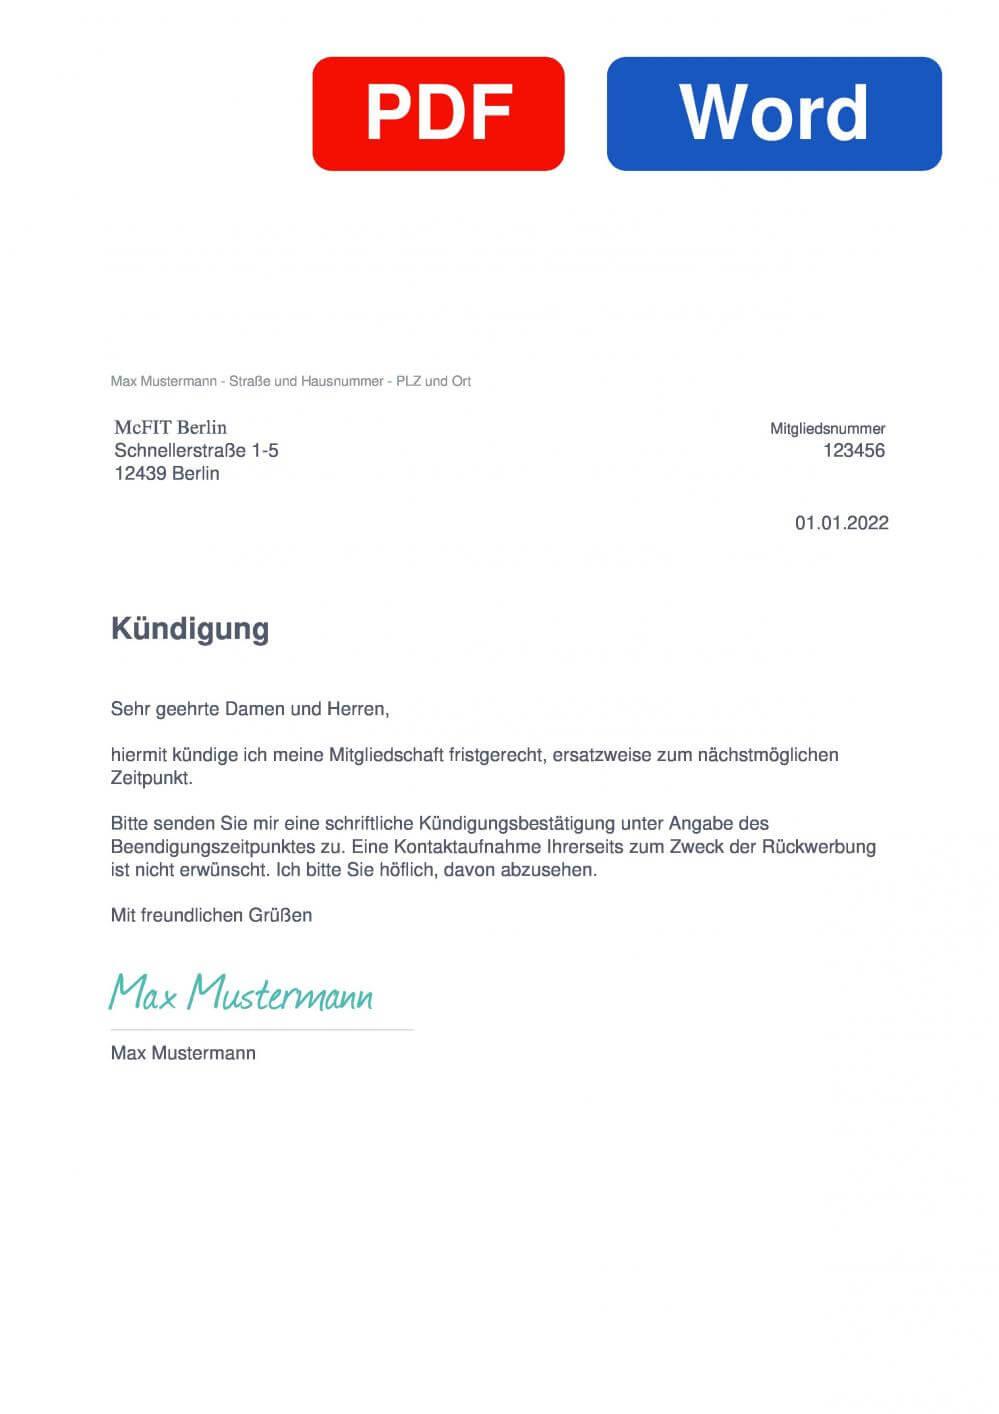 McFIT Berlin Schnellerstraße Muster Vorlage für Kündigungsschreiben